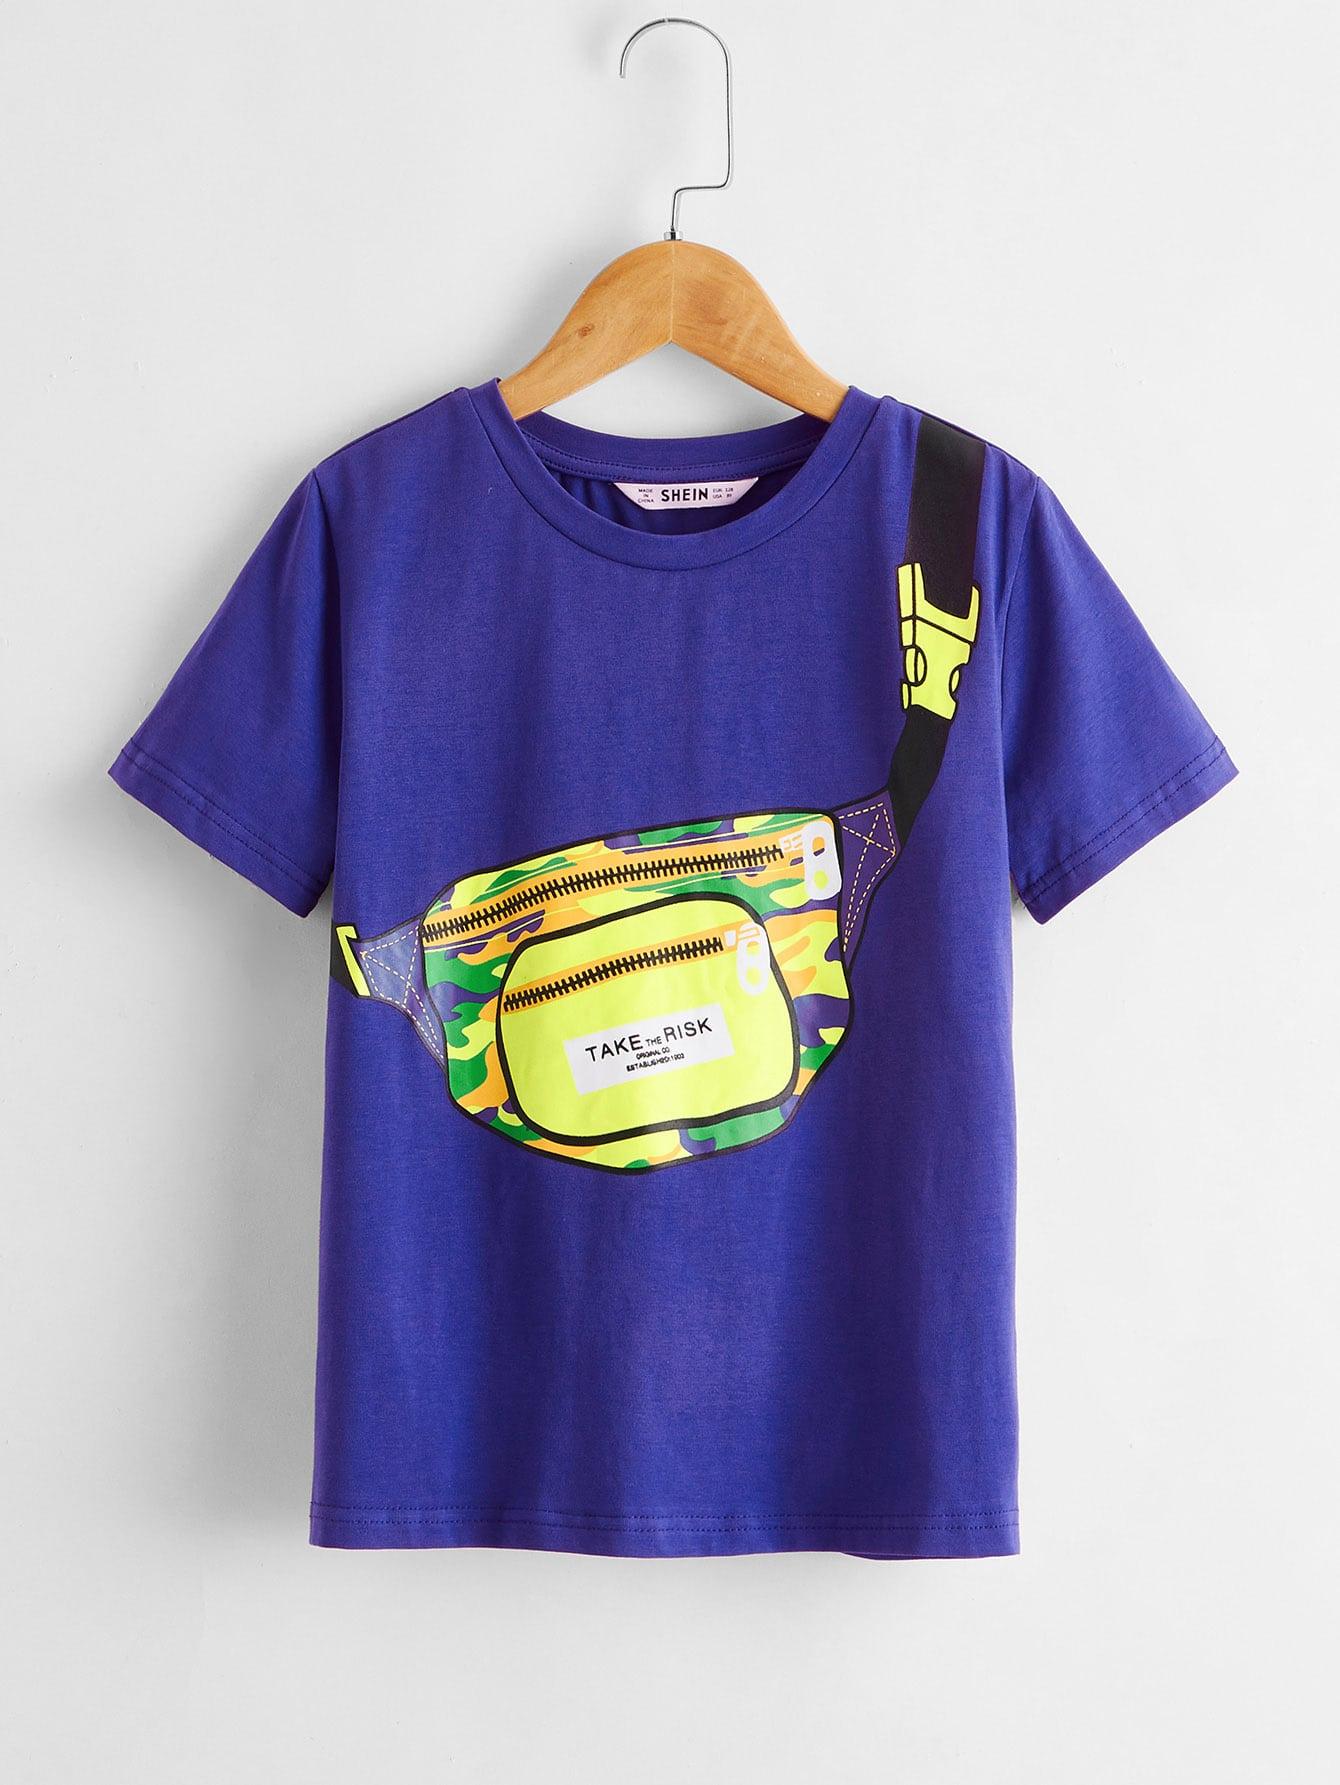 SHEIN Футболка с принтом сумки для мальчиковsktee07200408295